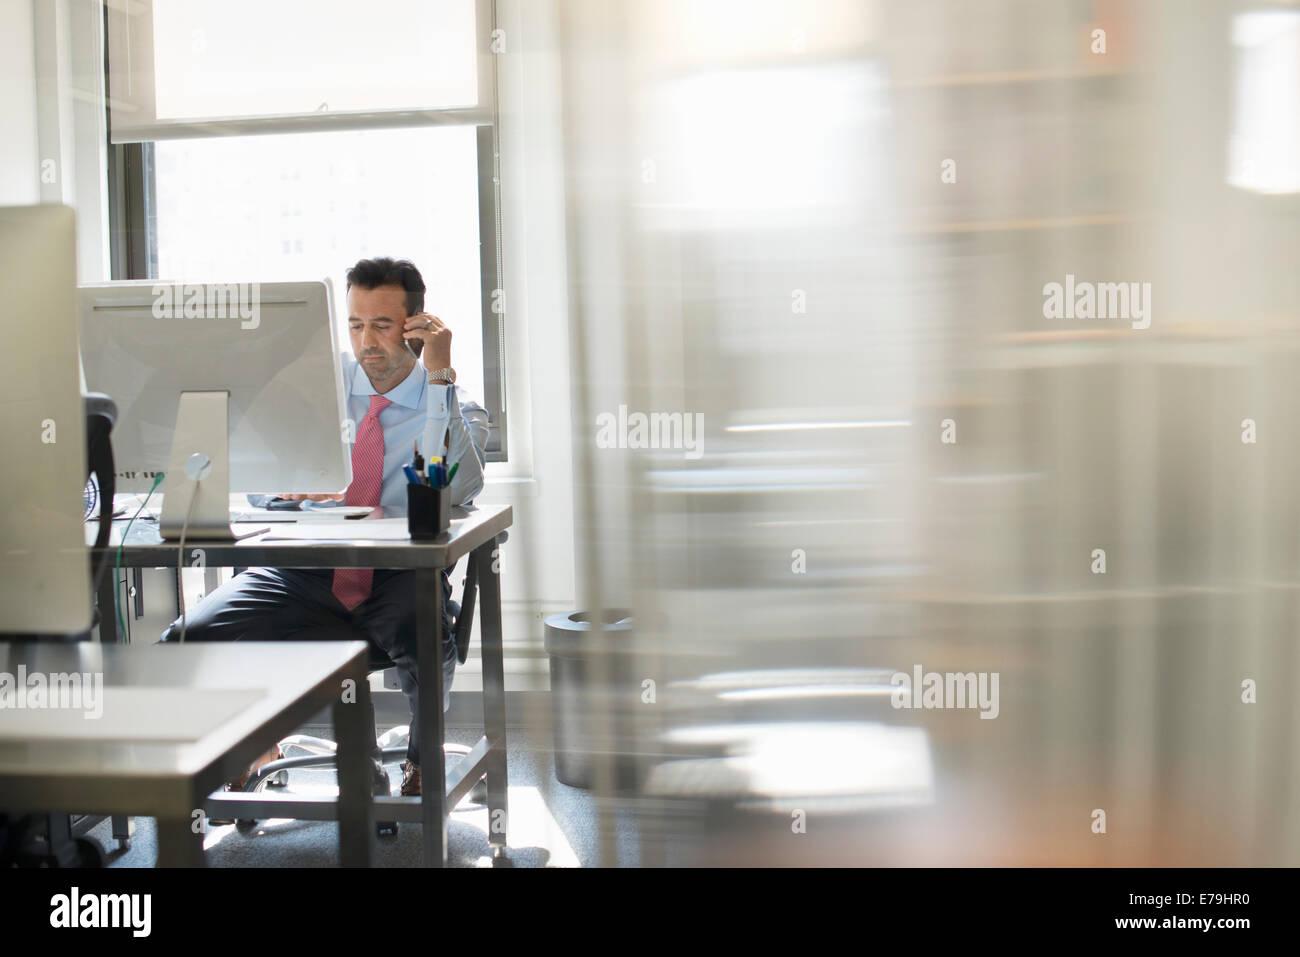 Un homme assis à l'écran d'un ordinateur travaillant sur son propre. Photo Stock